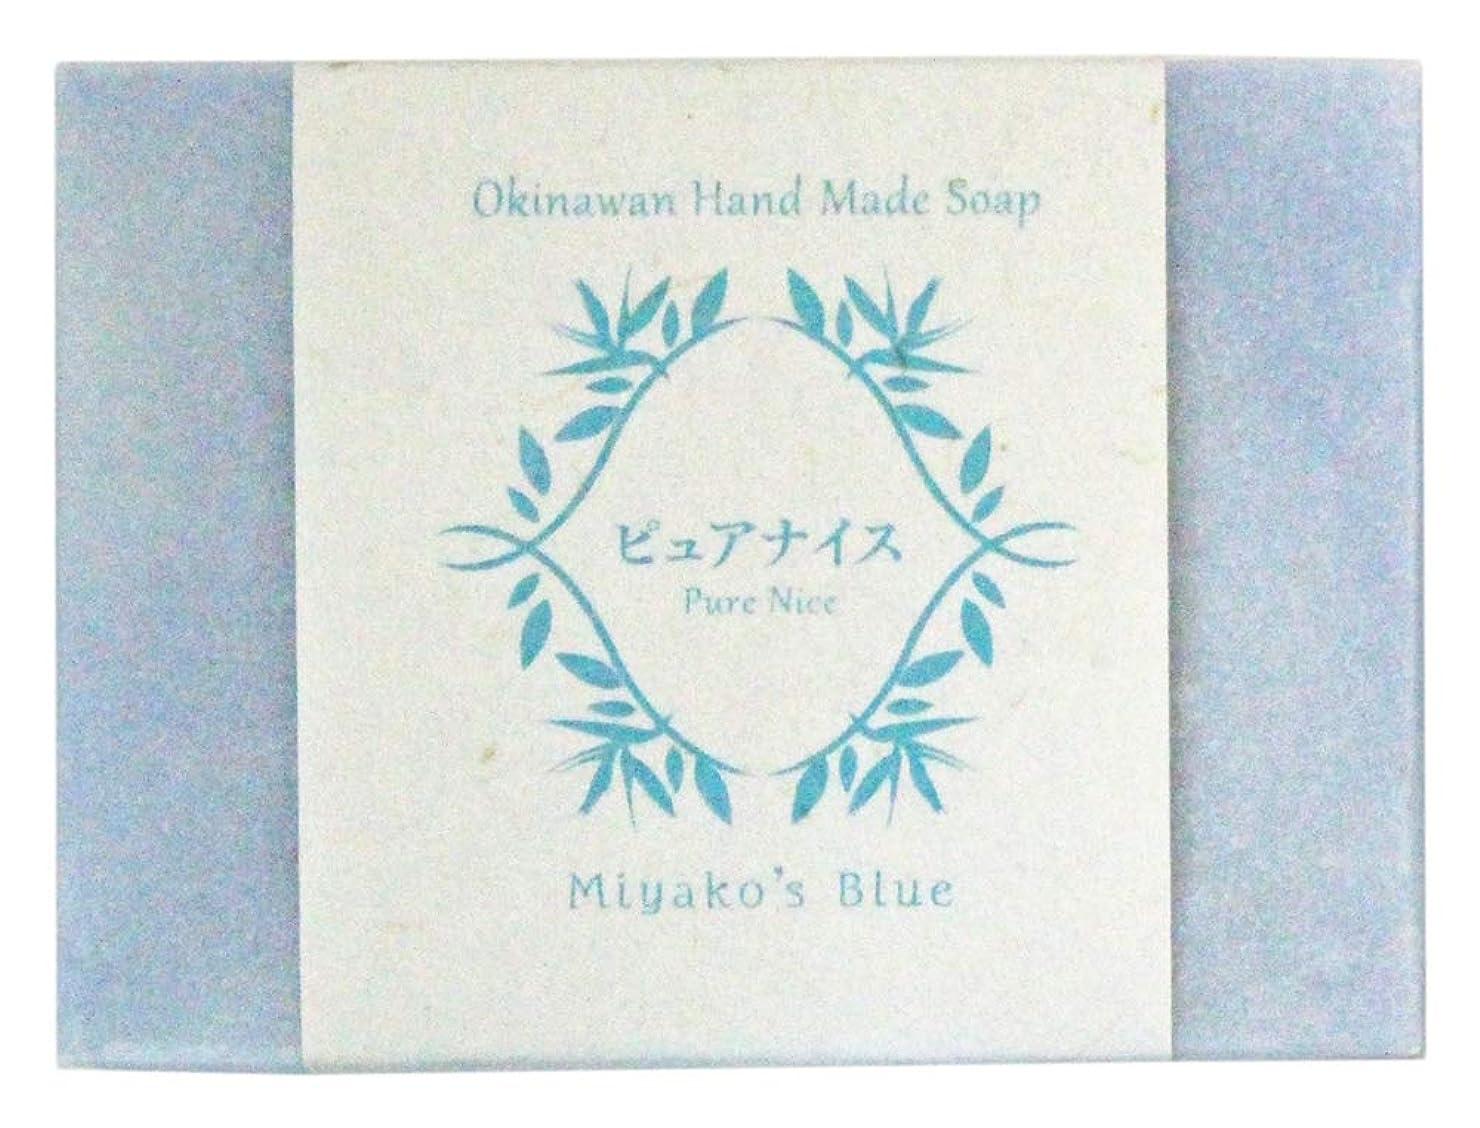 終わらせる一時解雇するシャワーピュアナイス おきなわ素材石けん Miyako's Blue 100g 3個セット